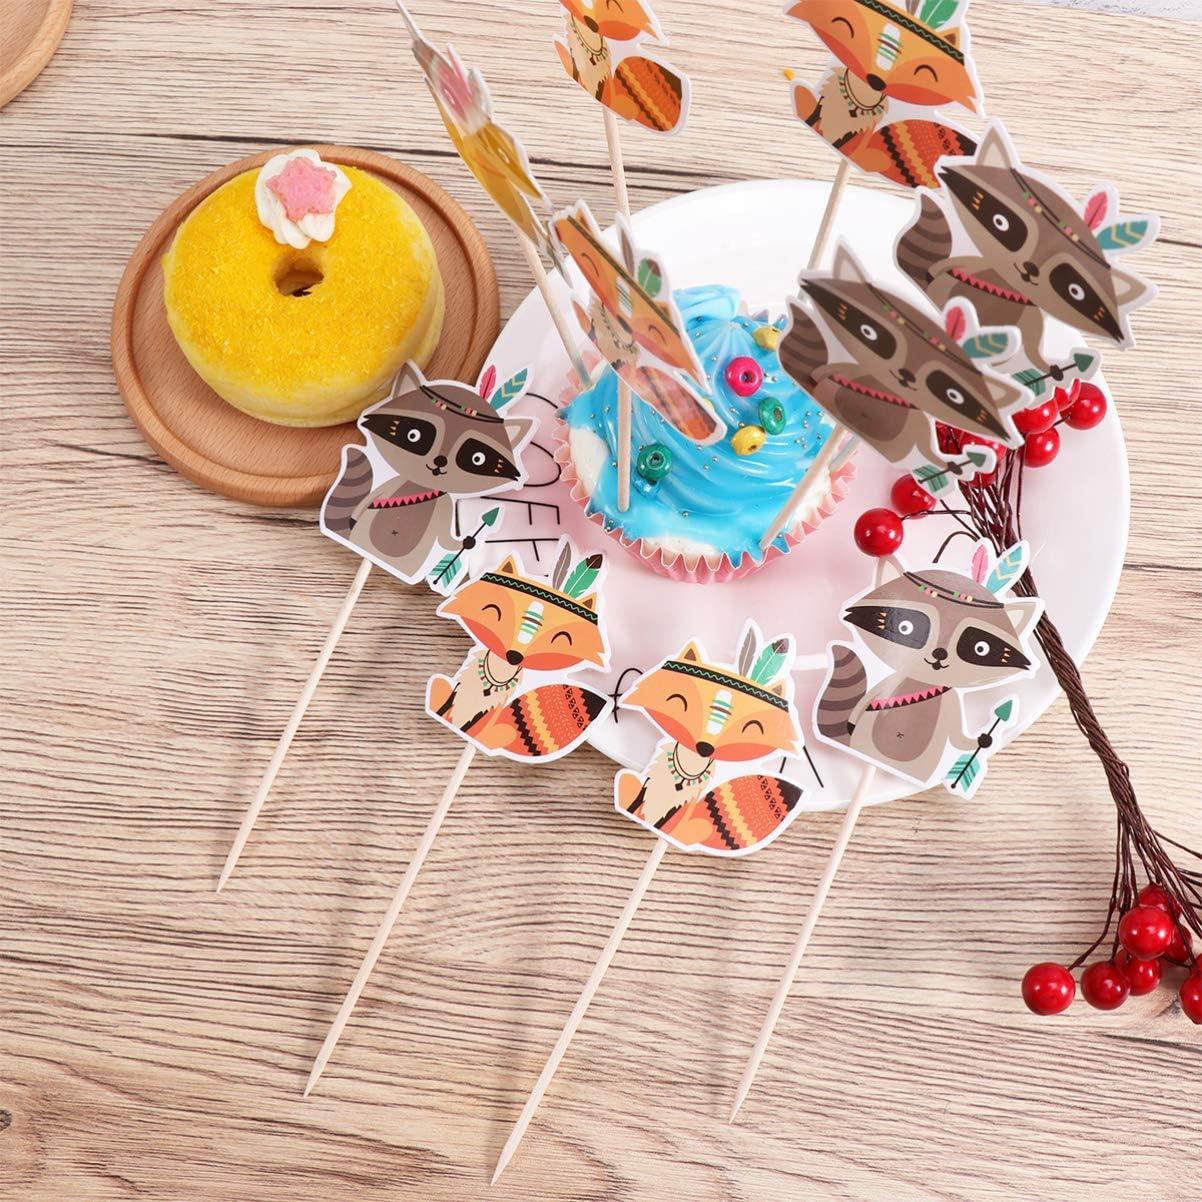 Amosfun 24pcs Thanksgiving Cupcake Toppers Choix de g/âteau Renard Indien Topper ins/érer des Fournitures de Parti pour Le Jour de Thanksgiving d/écors